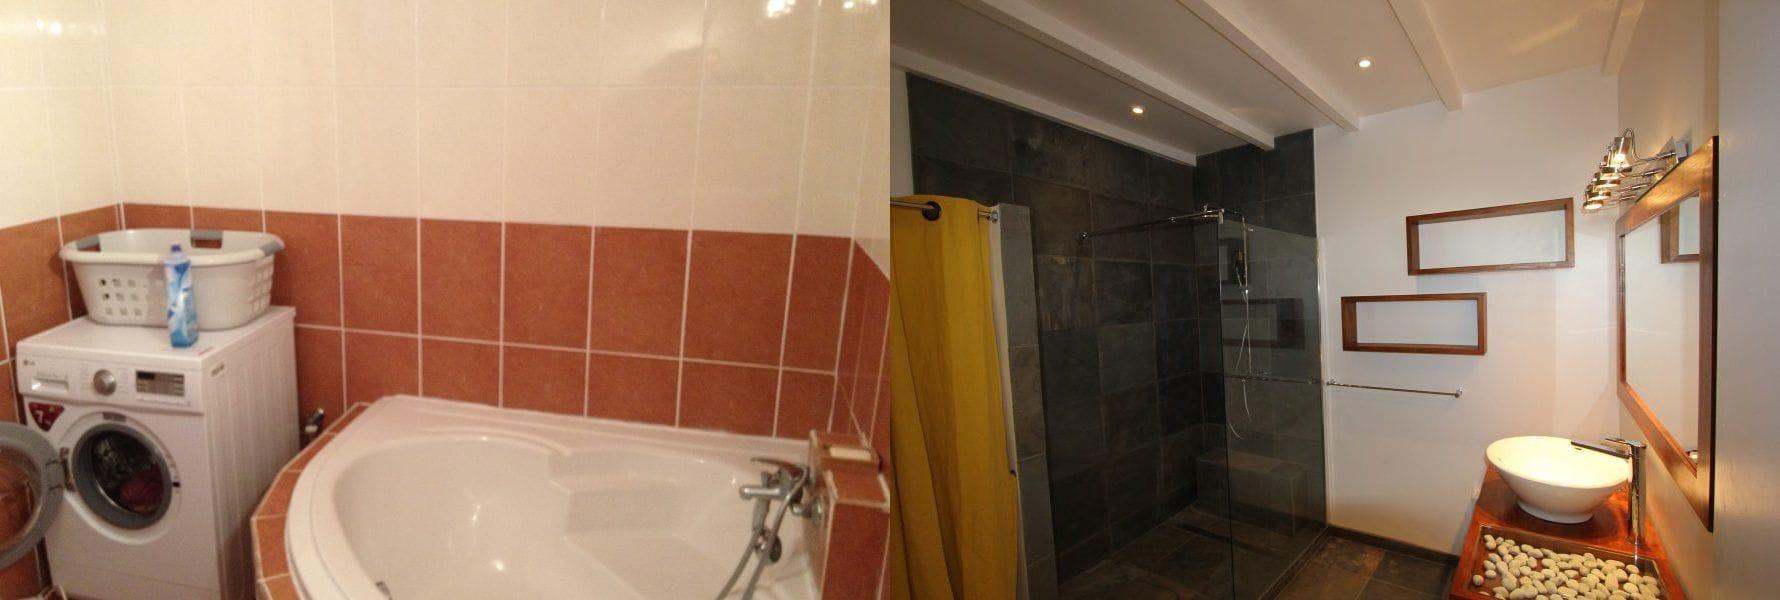 sdb-ermitage-les-bains-2